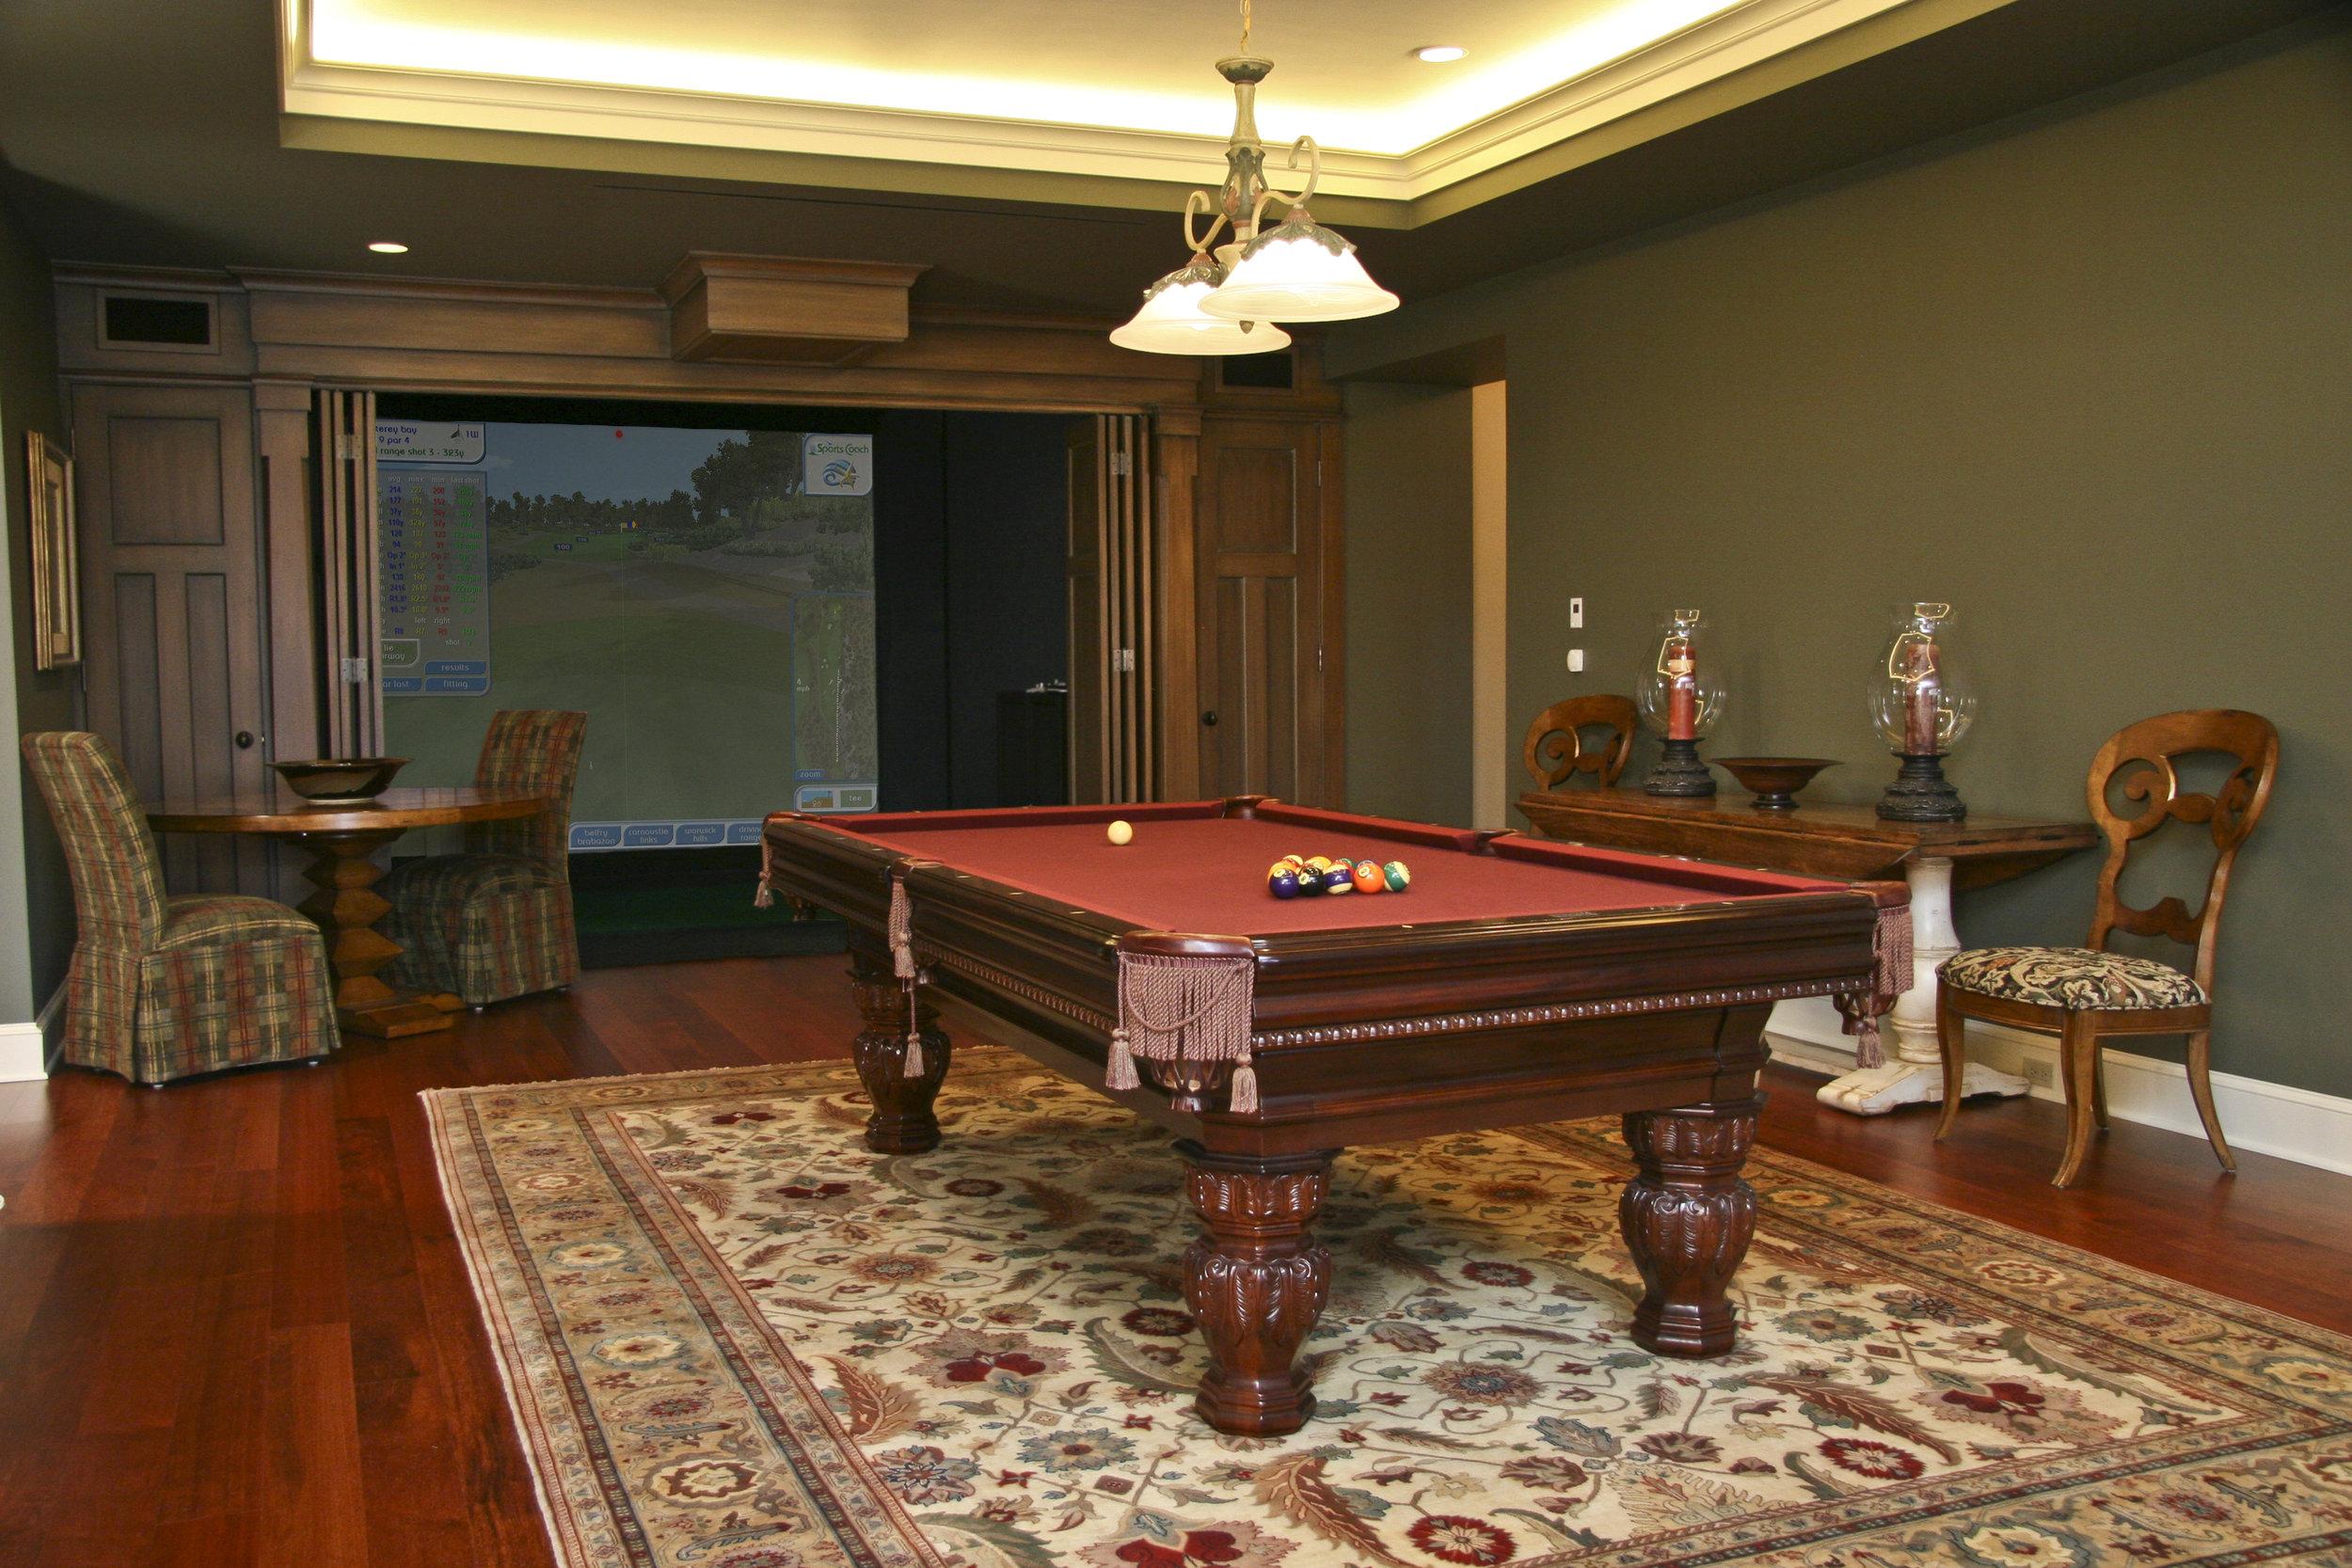 Billiards IMG_0105.jpg